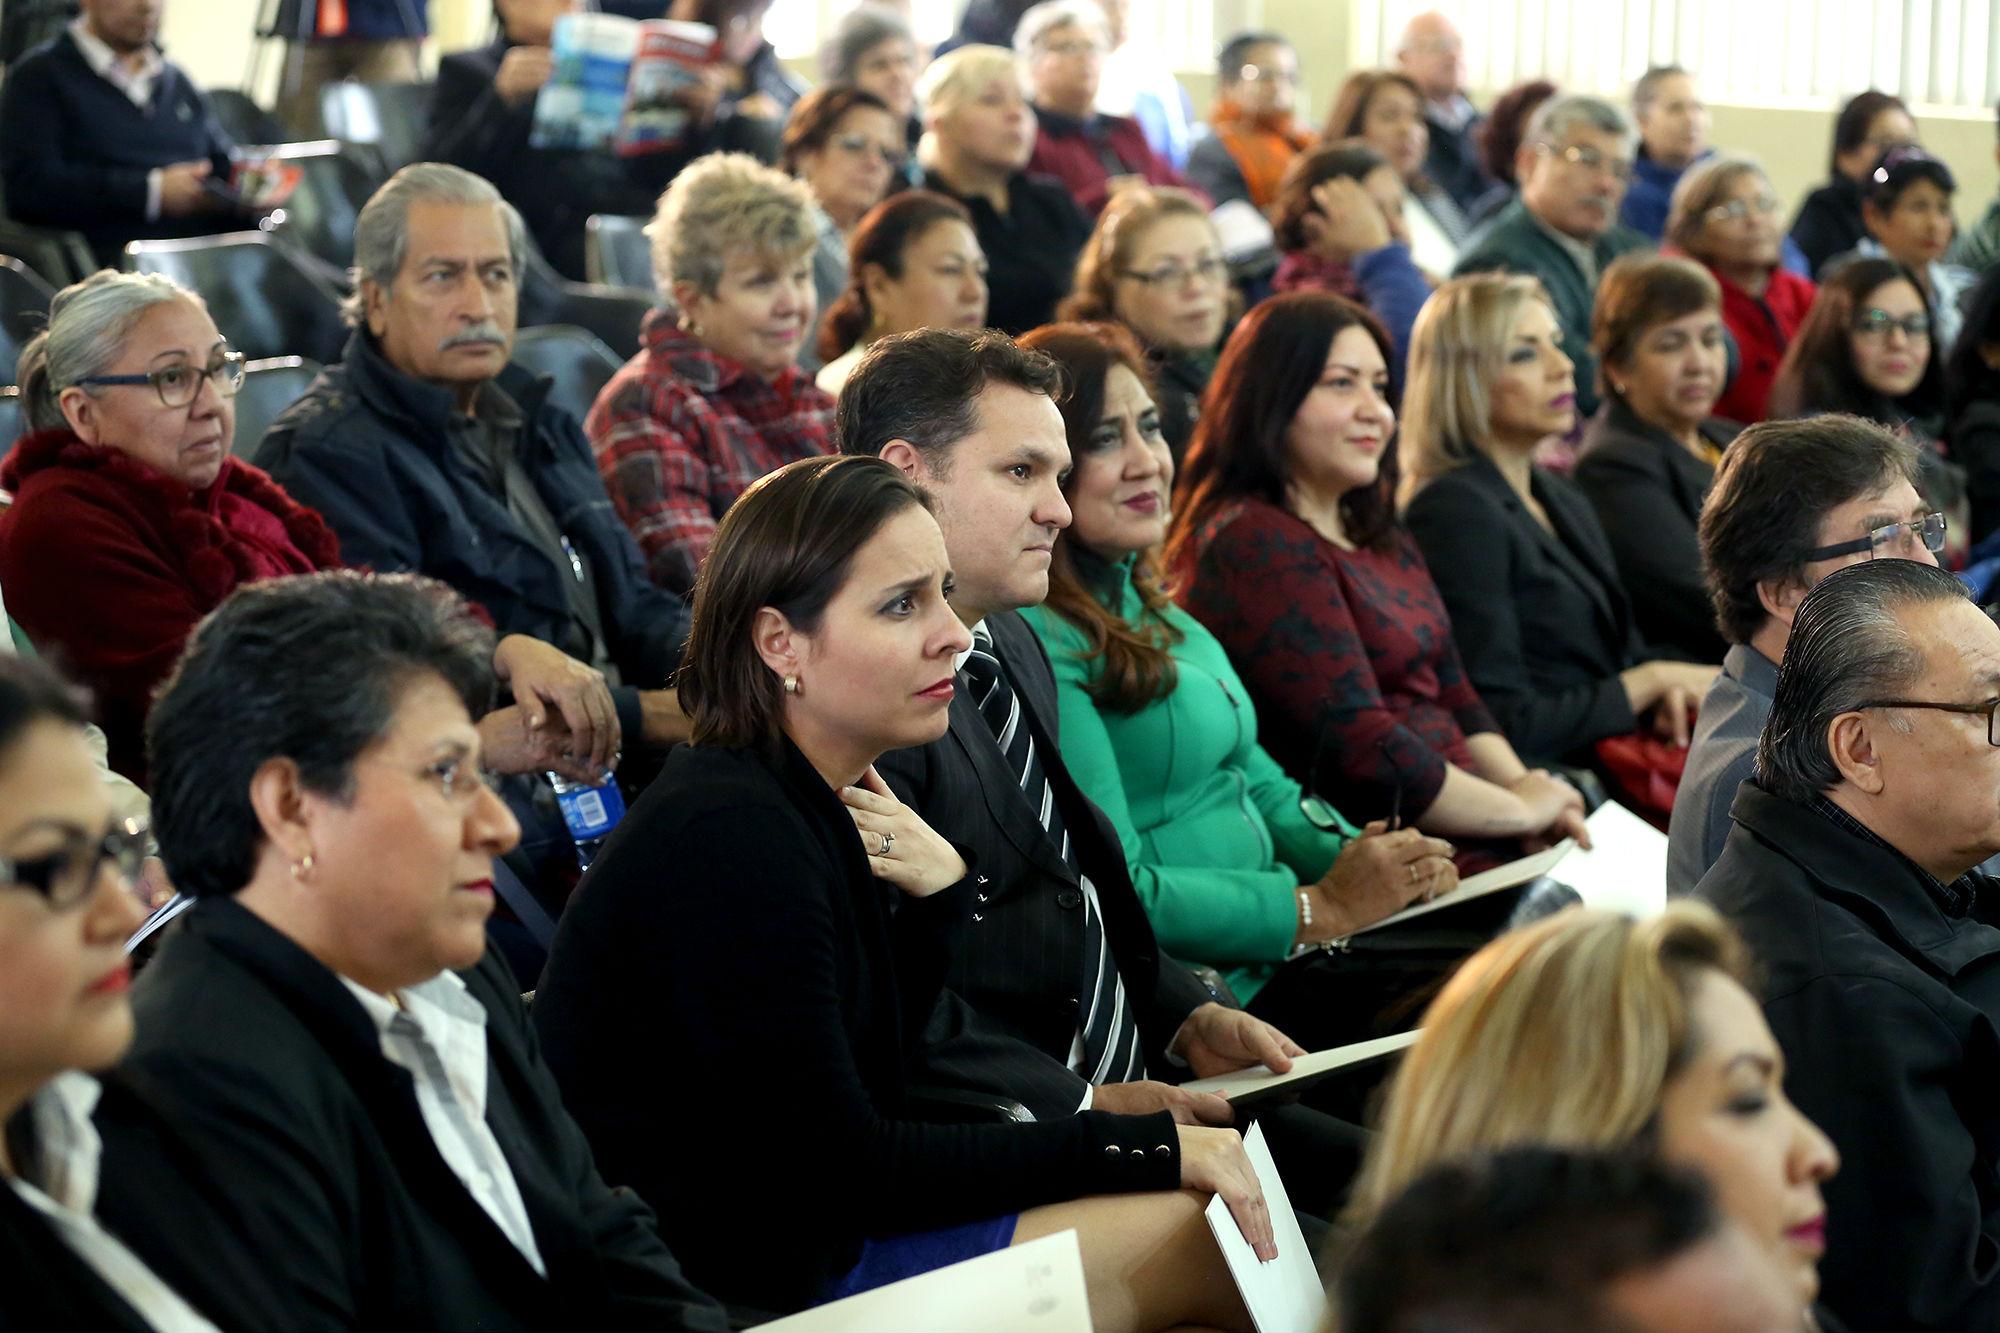 La ceremonia se llevó a cabo en el auditorio de la Facultad de Trabajo Social